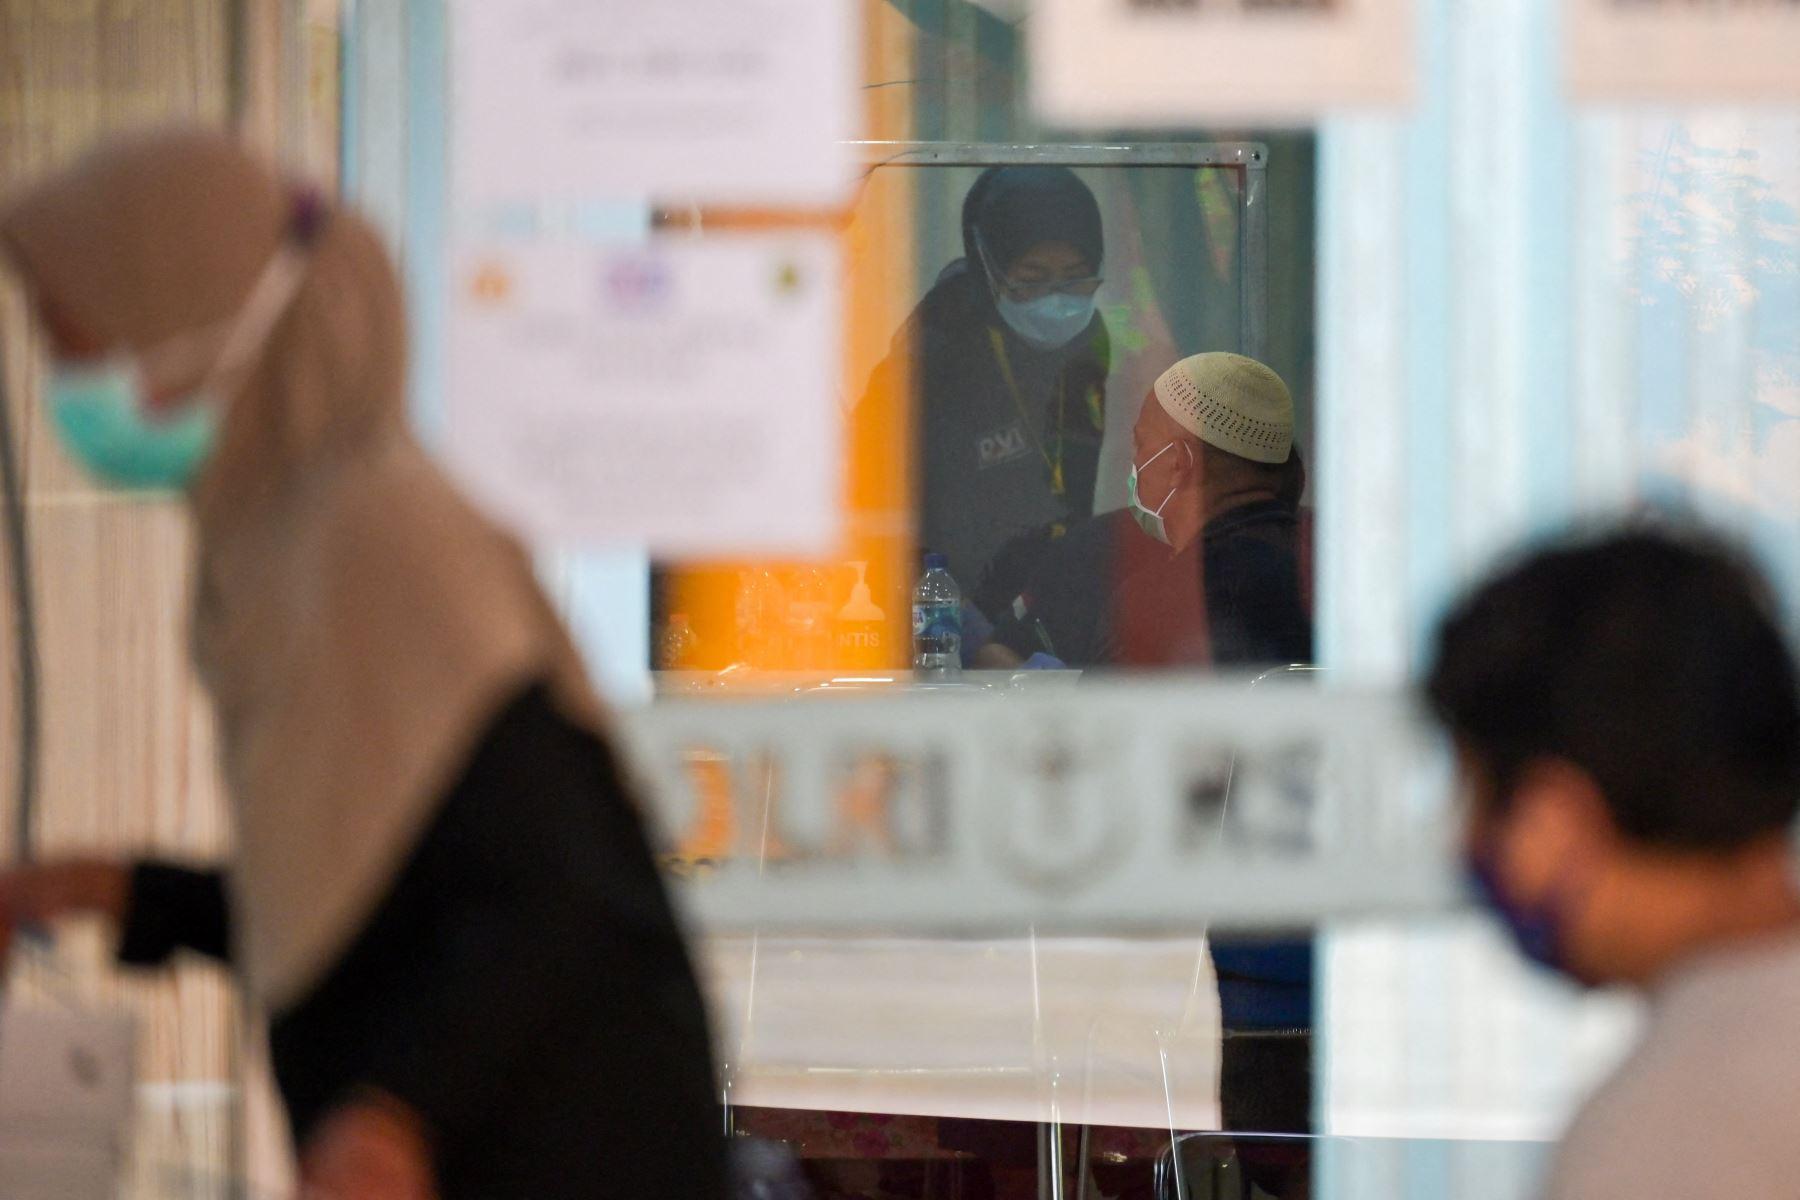 Un familiar de una de las 62 personas a bordo del vuelo SJ182 de Sriwijaya Air, que se estrelló poco después del despegue el 9 de enero, visita un hospital policial para realizar una prueba de ADN en Yakarta. Foto: AFP